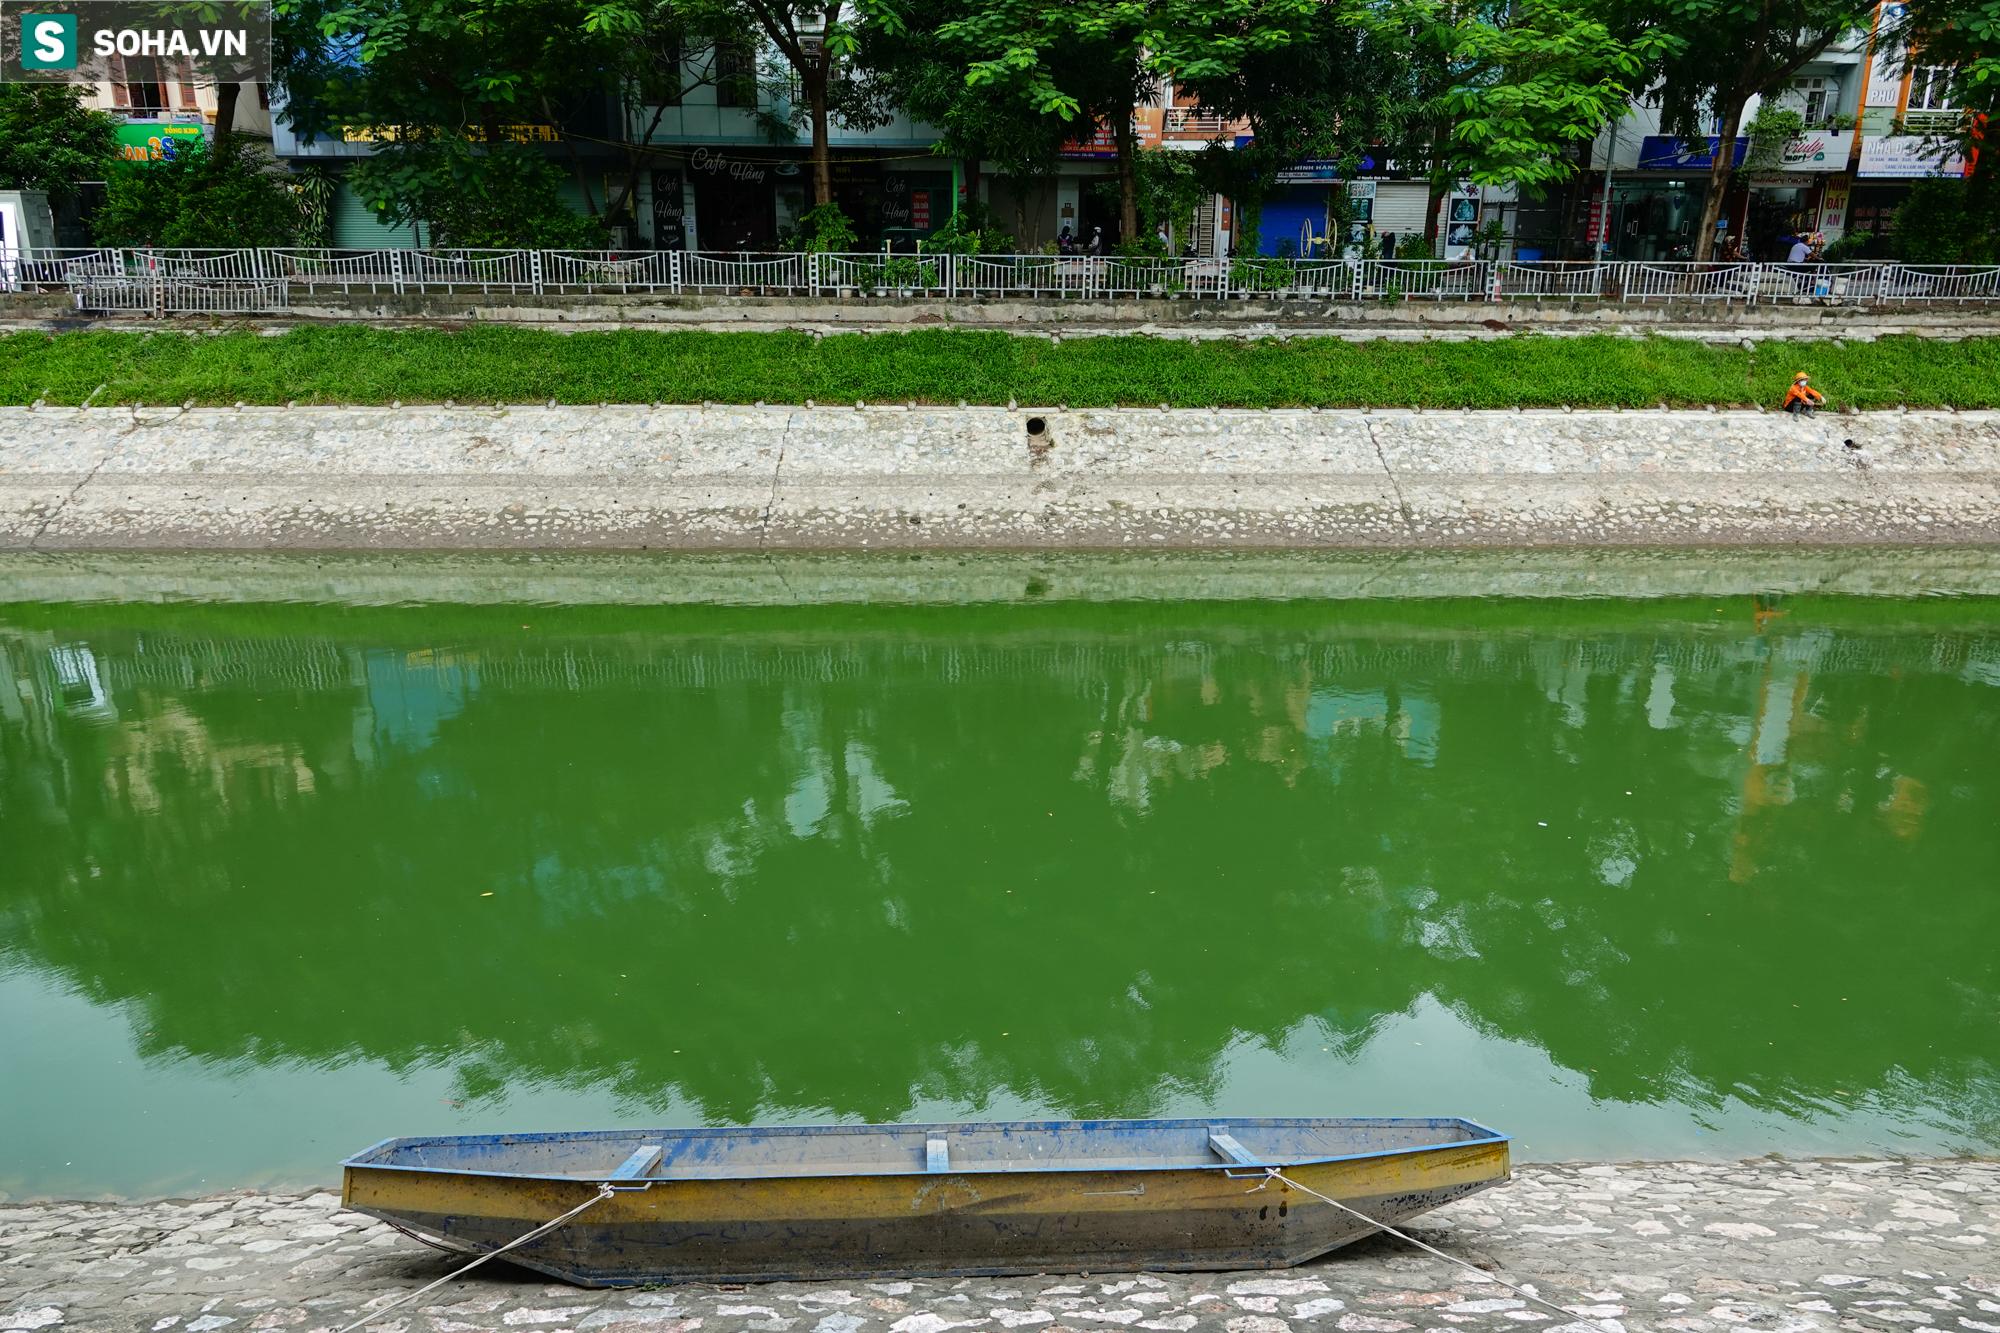 [ẢNH] Cận cảnh dòng nước xanh ngắt hiếm thấy tại sông Tô Lịch, cá bơi nhộn nhịp hàng đàn - Ảnh 6.